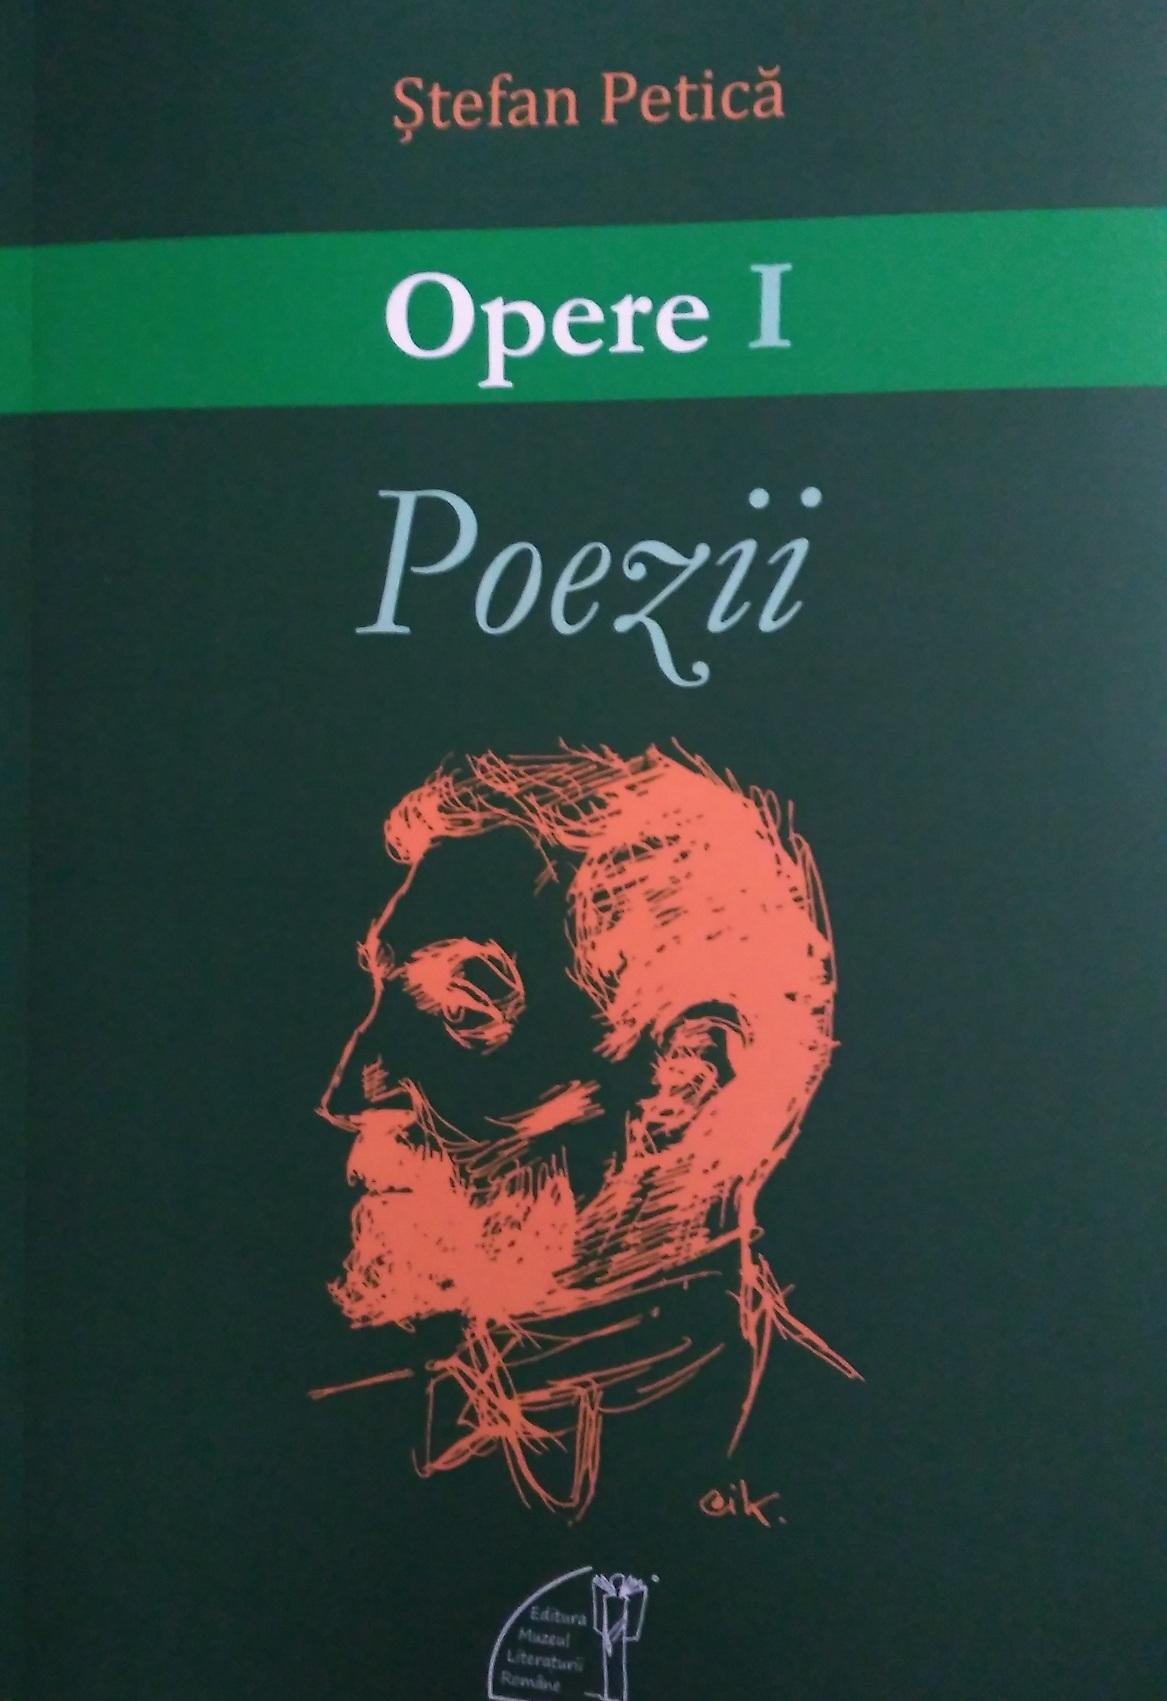 copertă volum Poezii St Petică